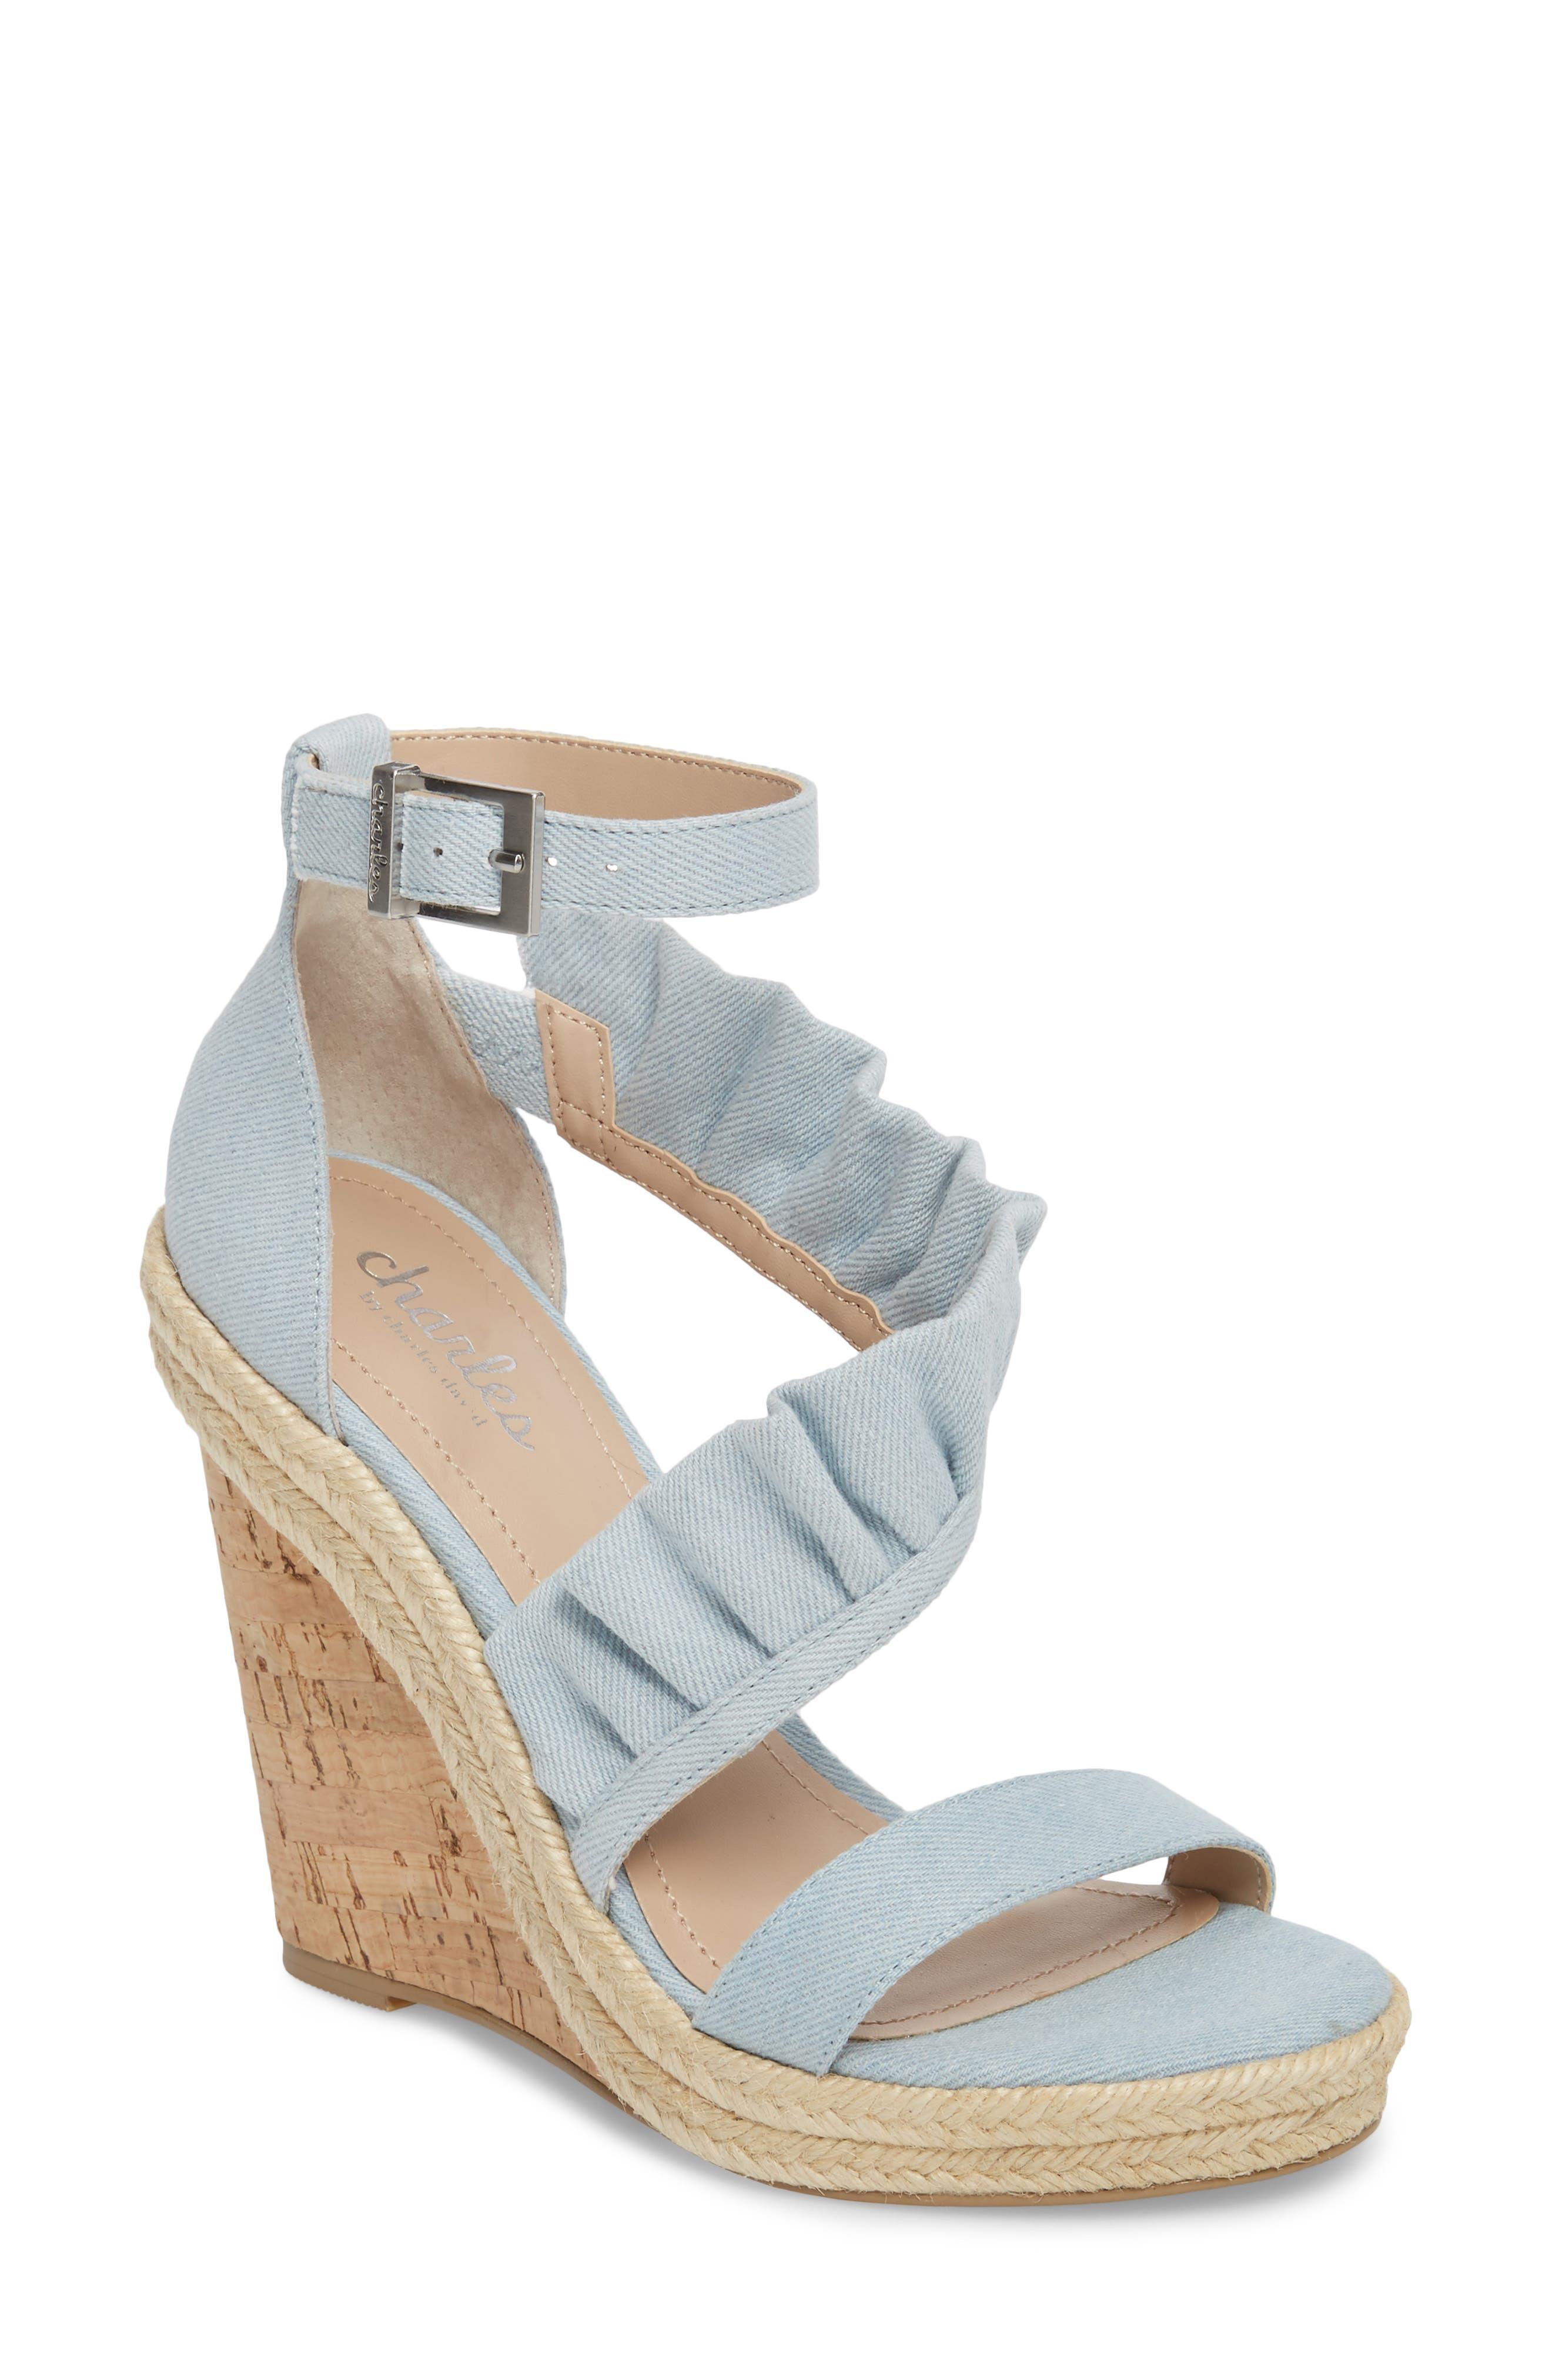 Brooke Espadrille Wedge Sandal,                         Main,                         color, Light Blue Denim